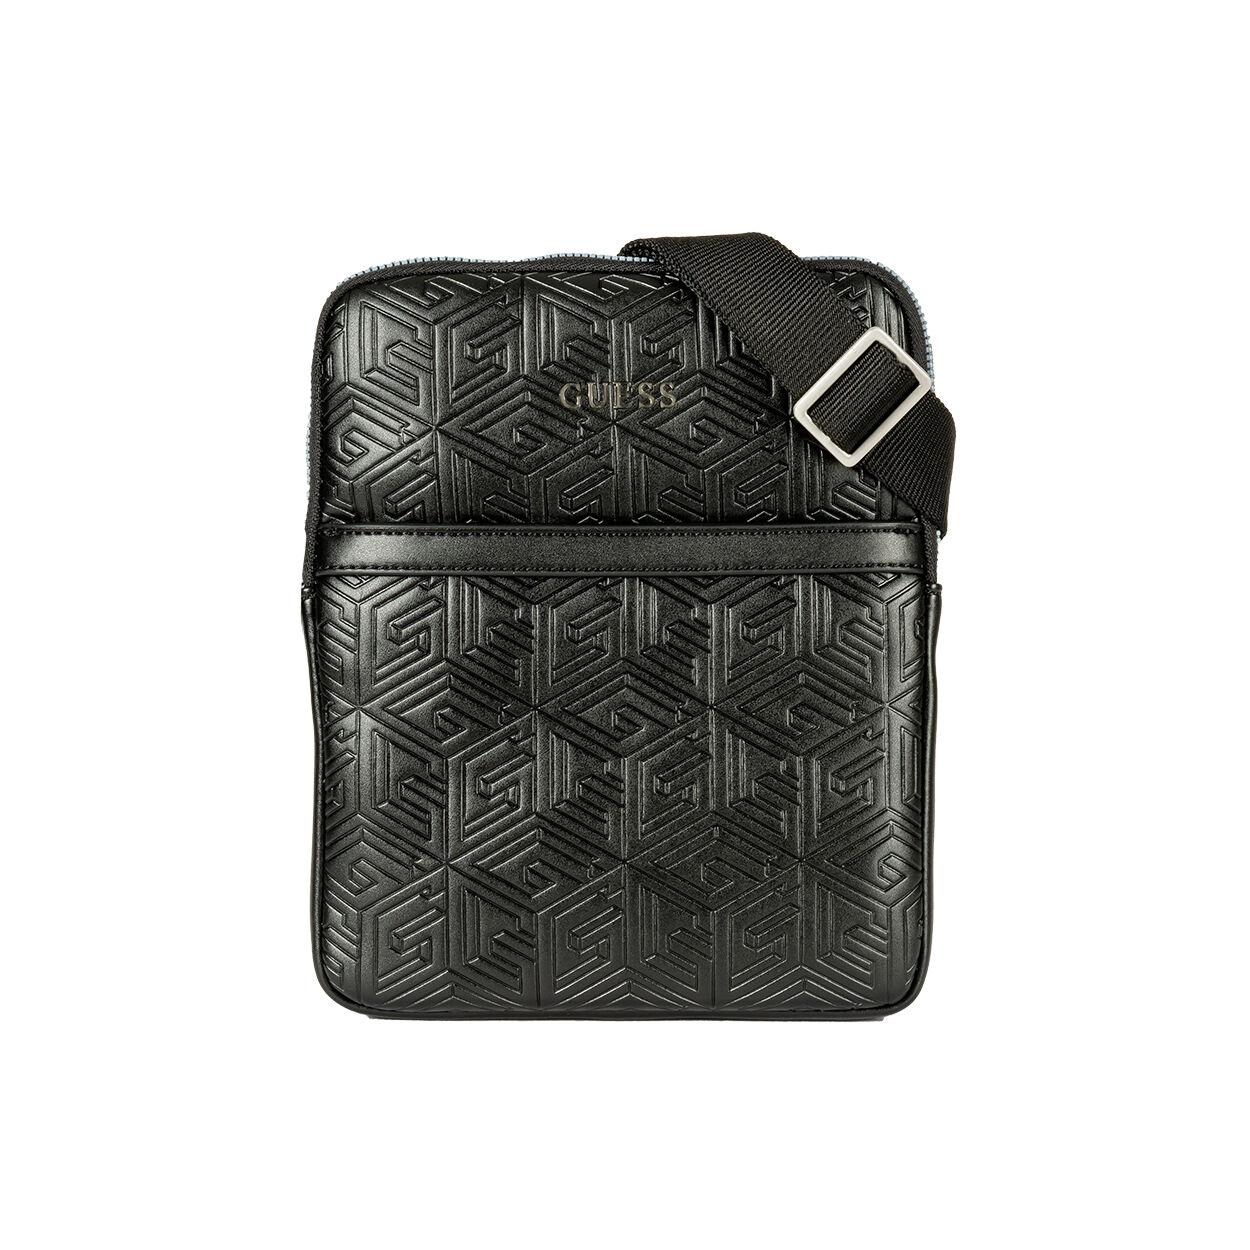 Guess Accessoires Sacoche plate à bandoulière Guess noire à formes géométriques - NOIR -